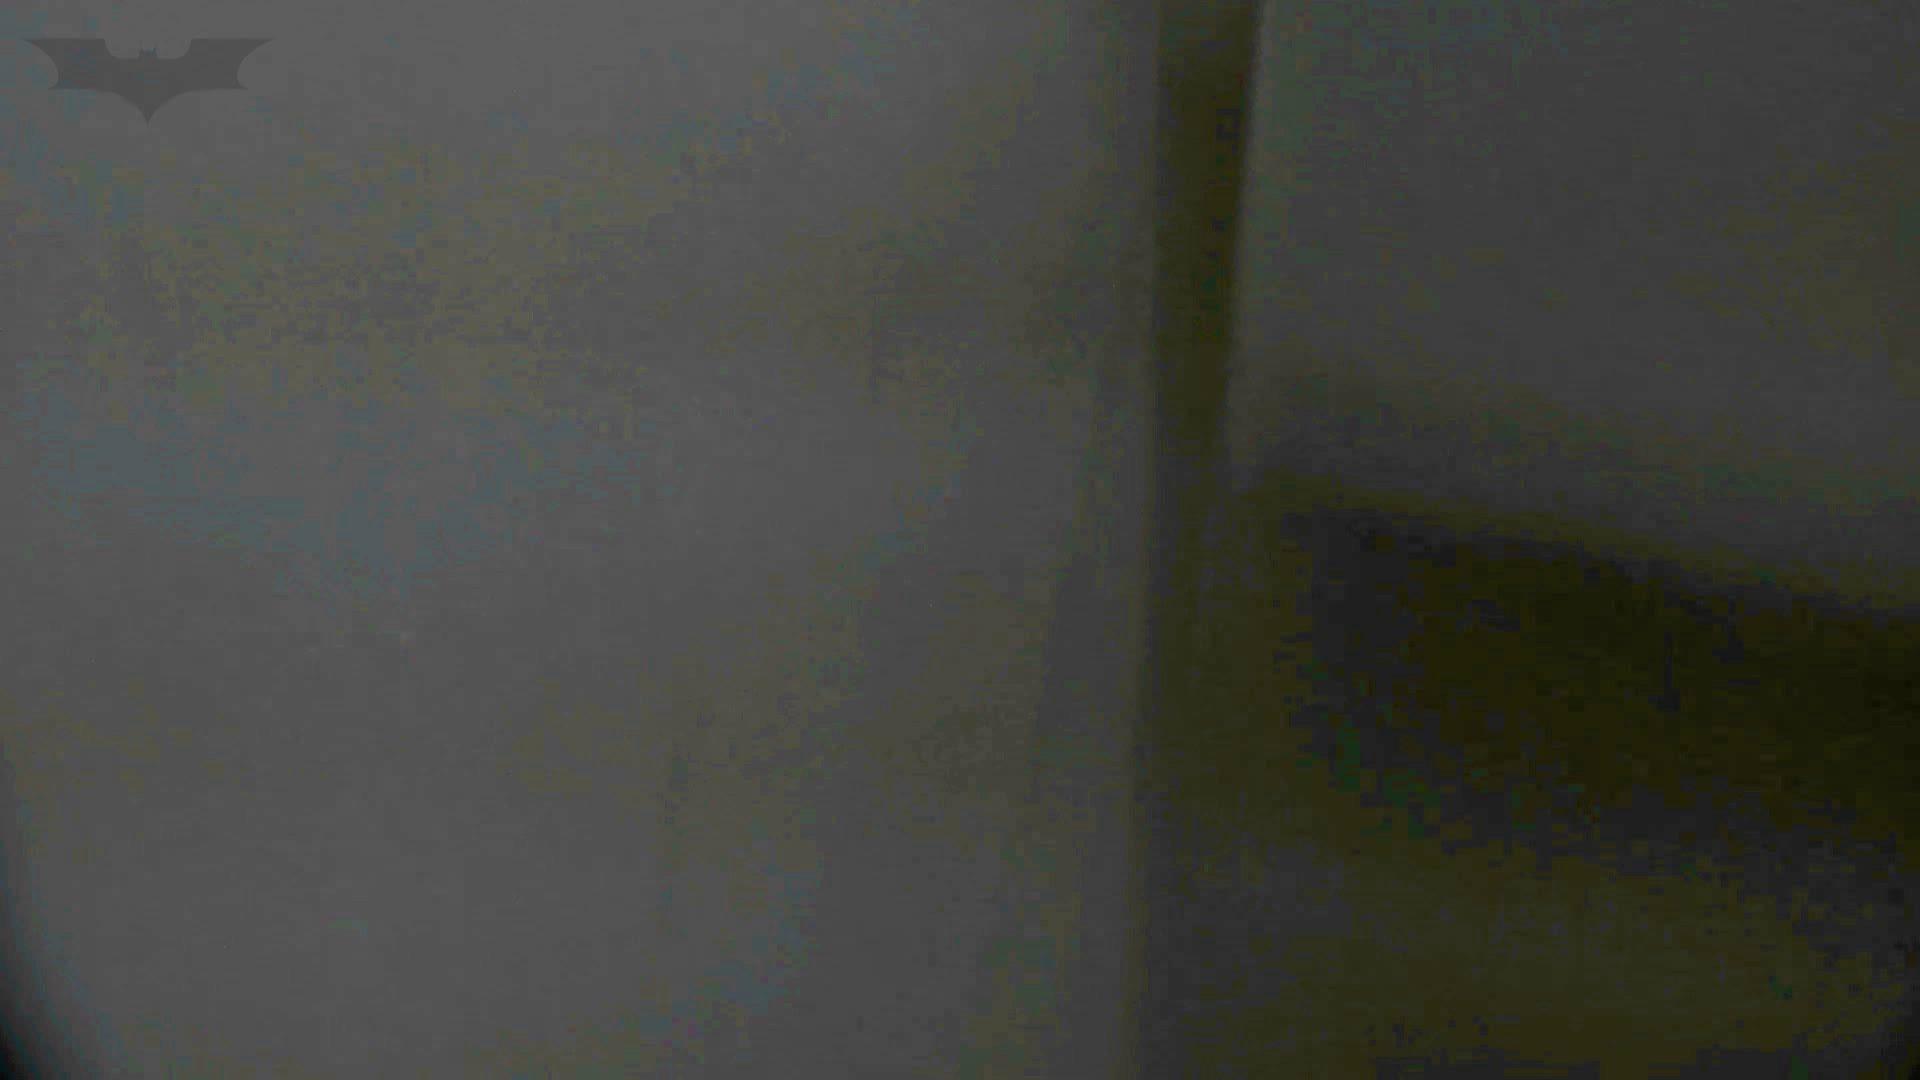 洗面所特攻隊 vol.74 last 2総勢16名激撮【2015・29位】 洗面所  84枚 62